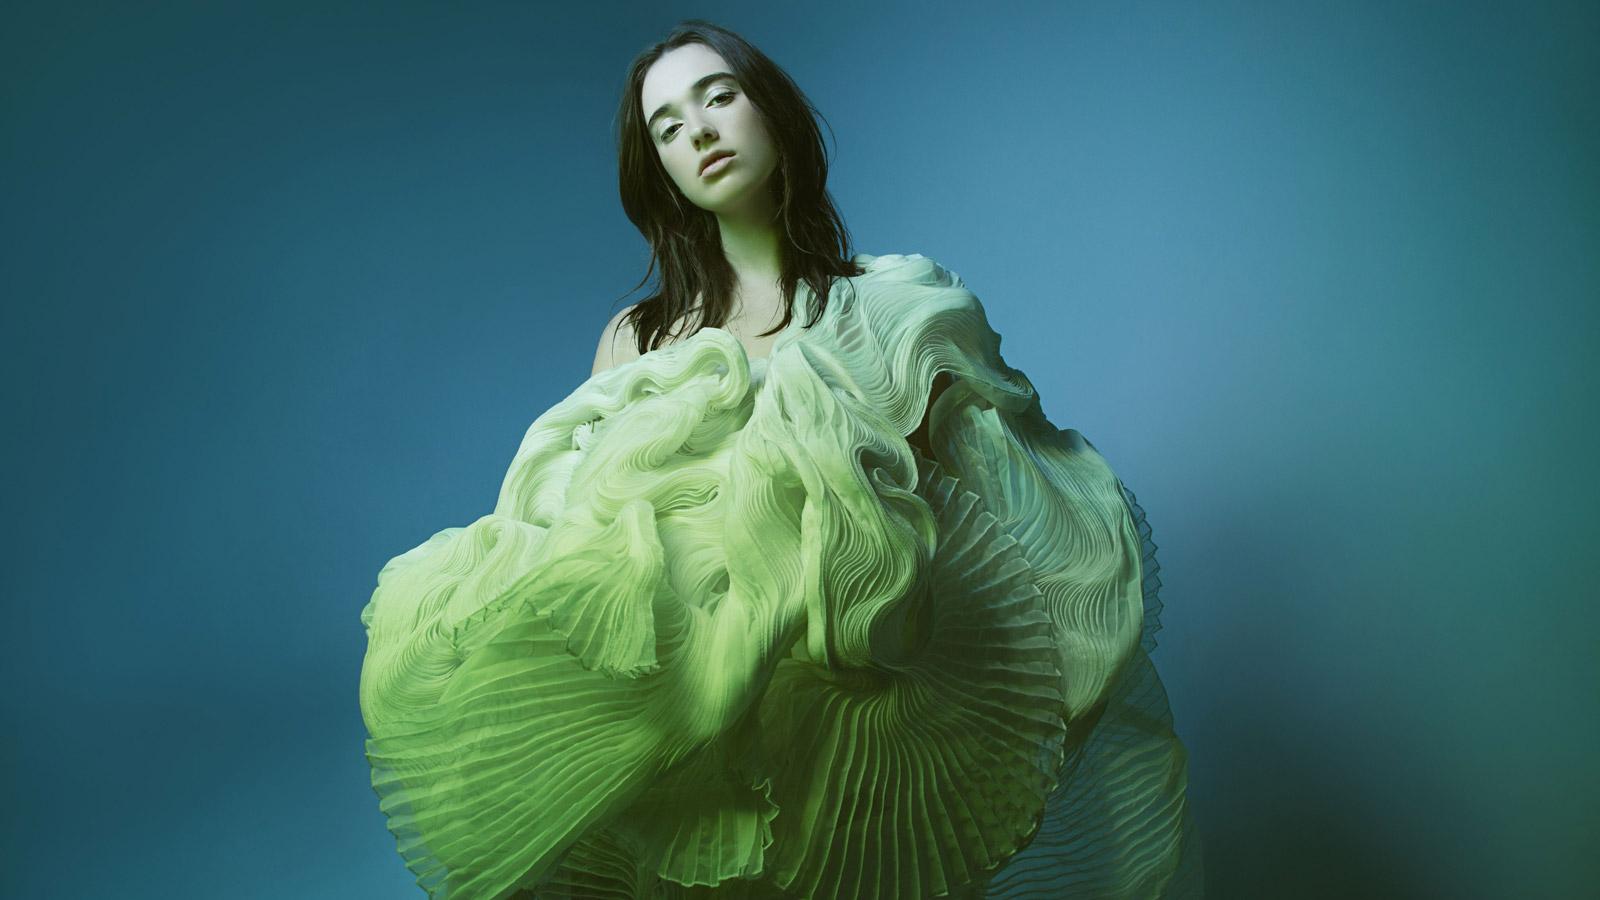 Moda jest eko. Ekologia jest w modzie moda mediarun eko moda targi maja sadlewska 2019